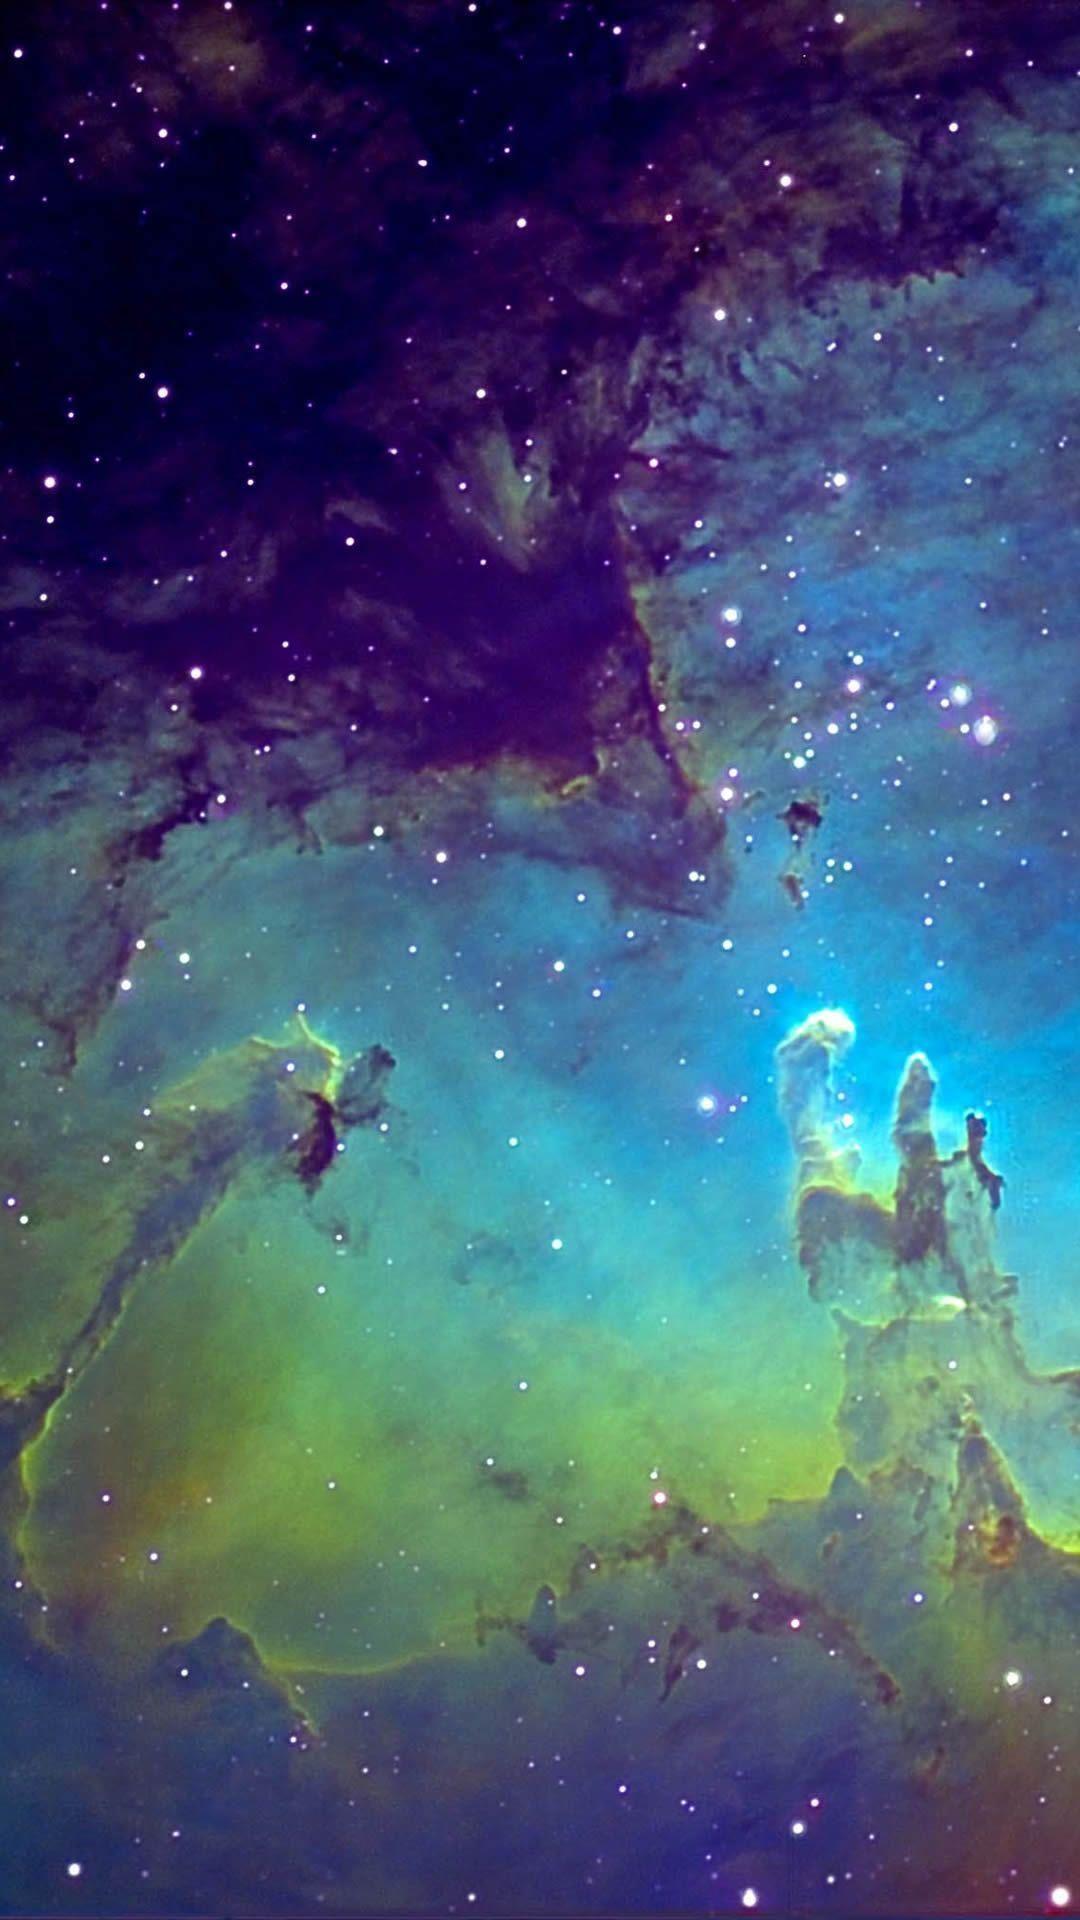 Green Space Iphone Wallpaper Green Galaxy Wallpaper Art Wallpaper Iphone